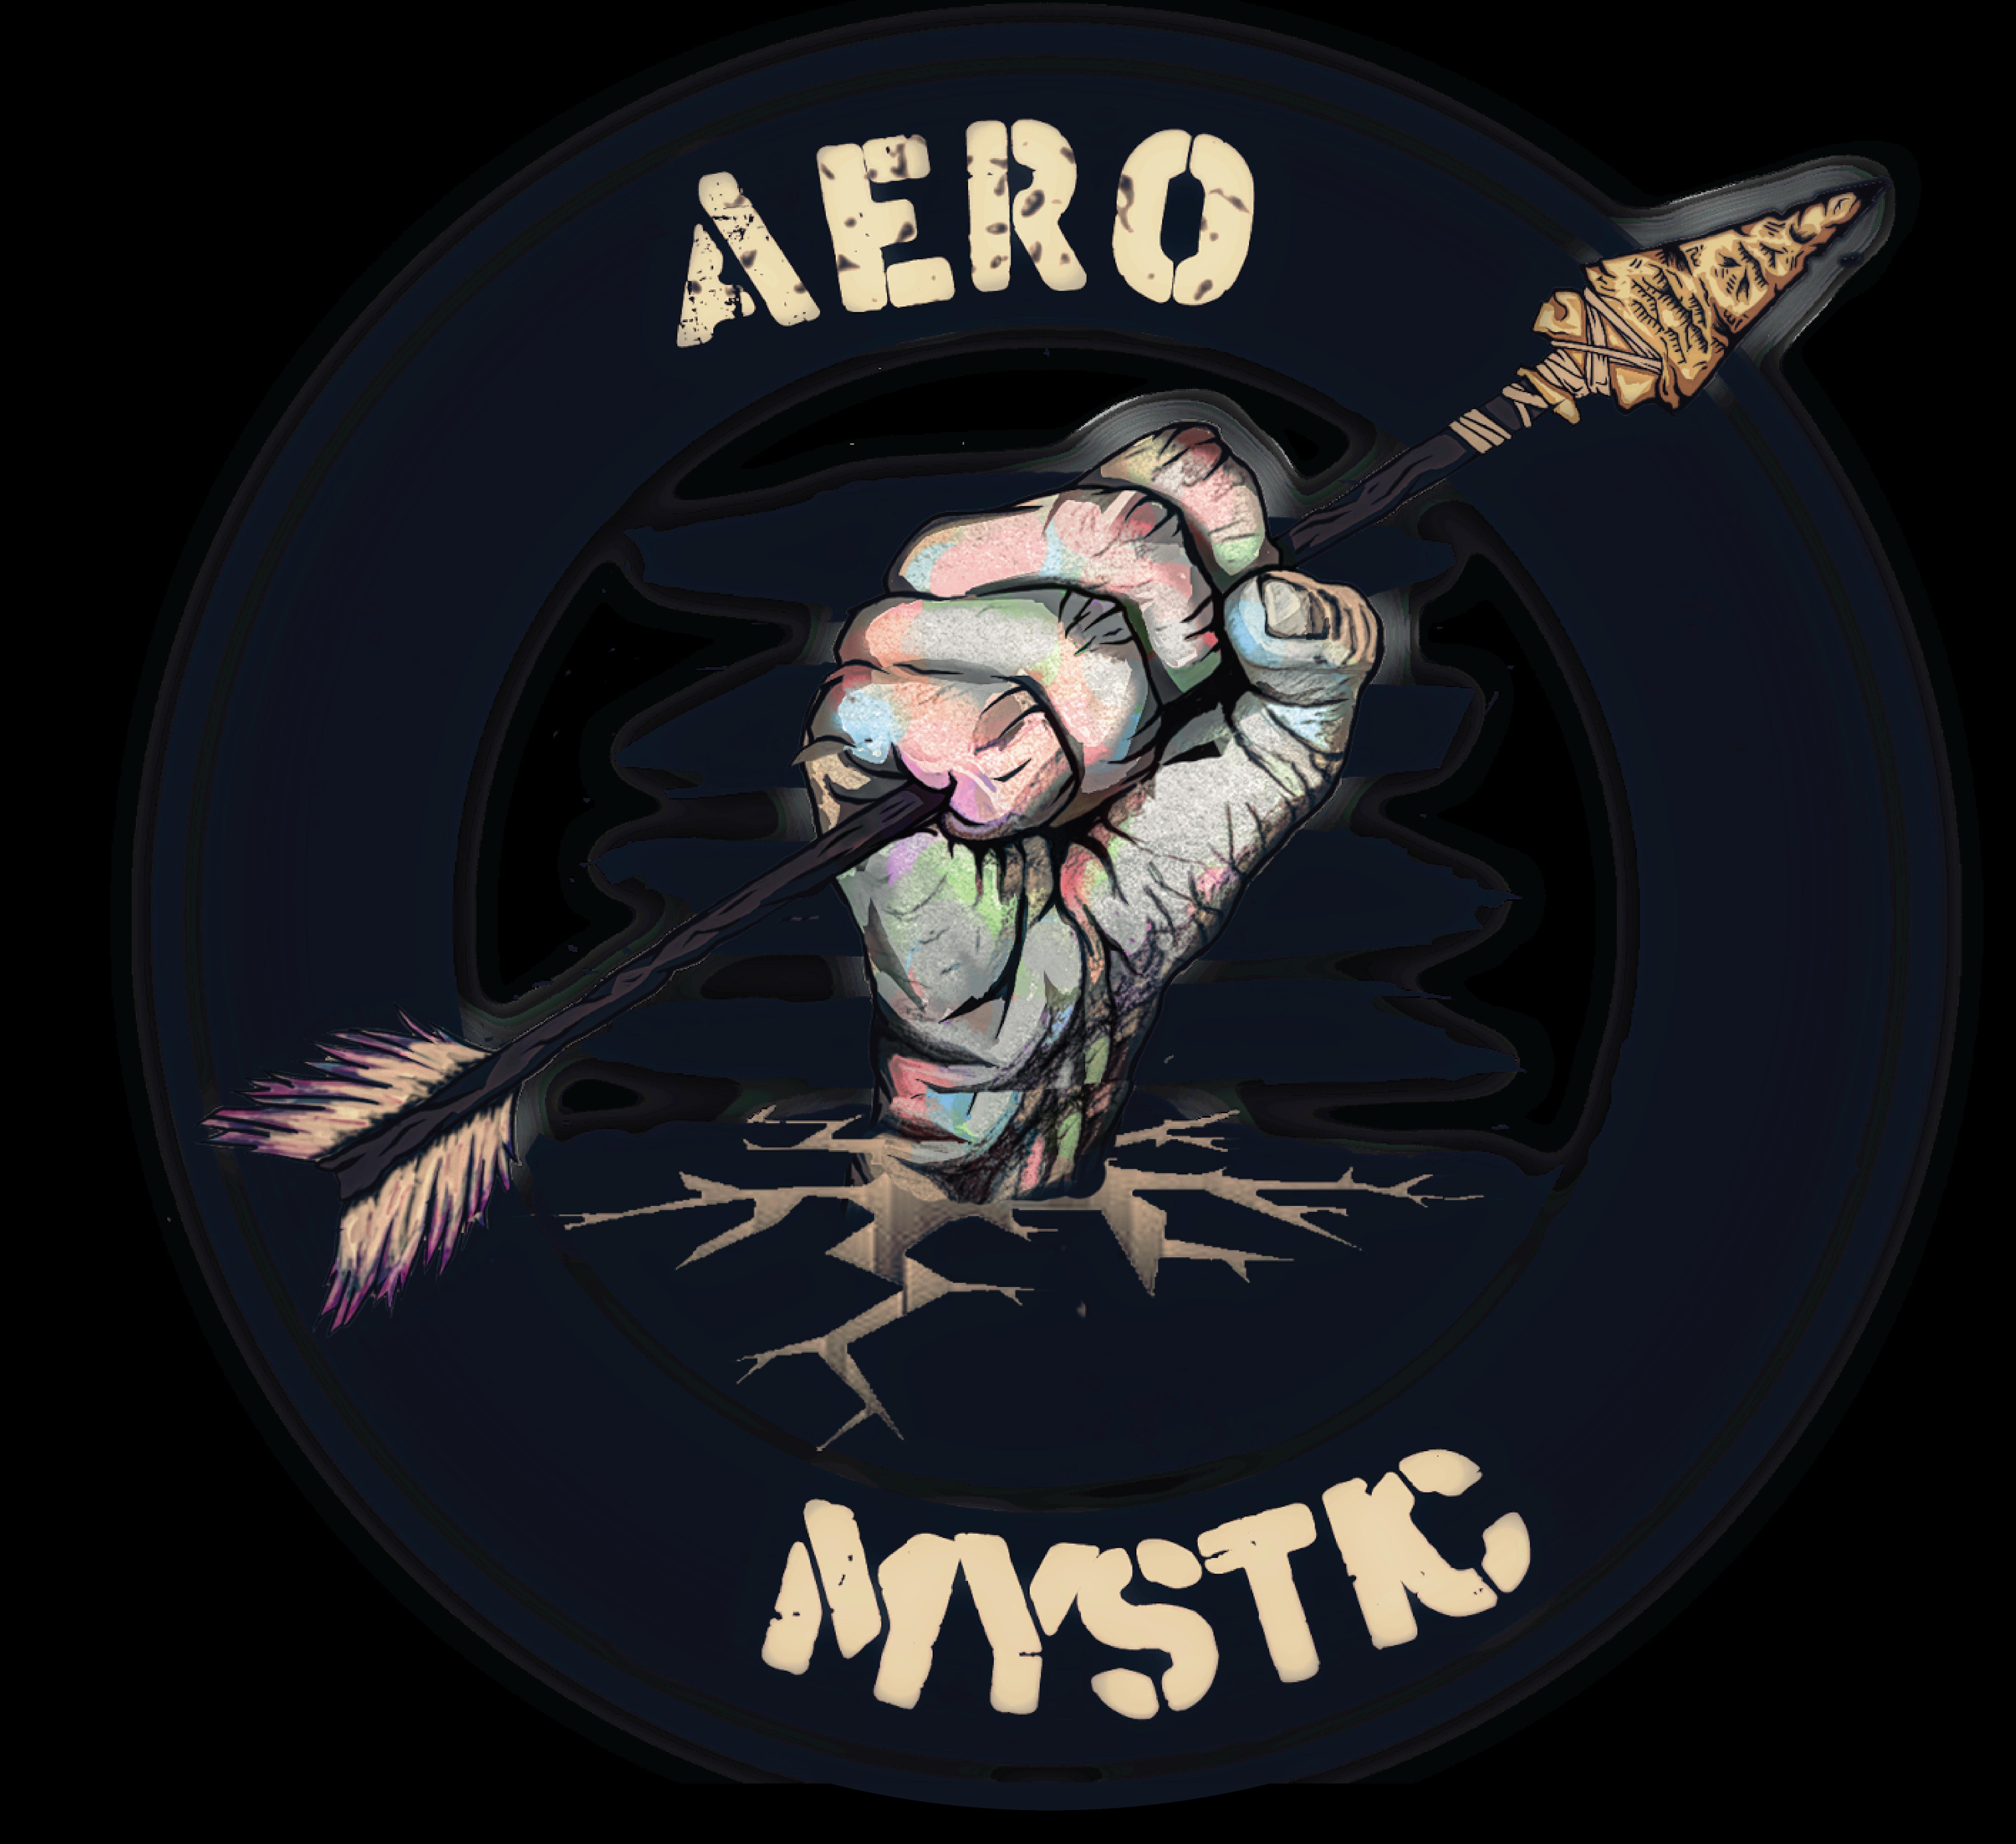 AERO MYSTIC